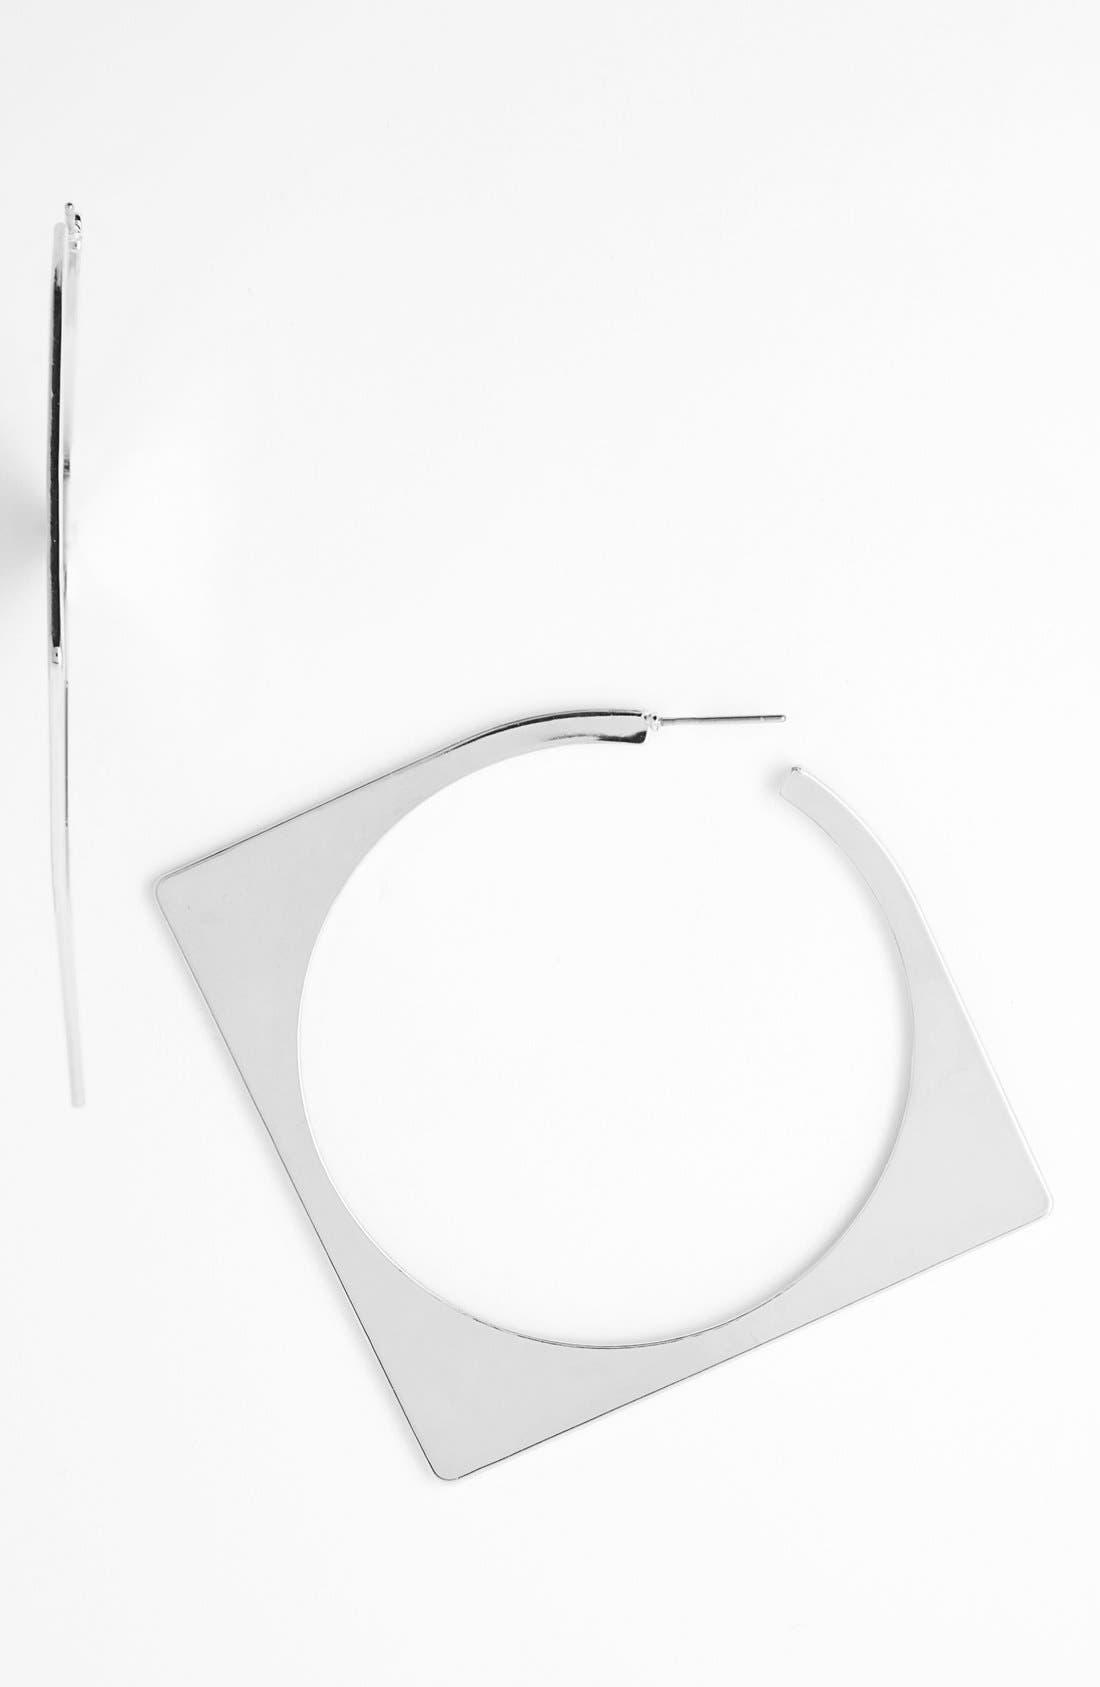 Alternate Image 1 Selected - Guinevere Square Hoop Earrings